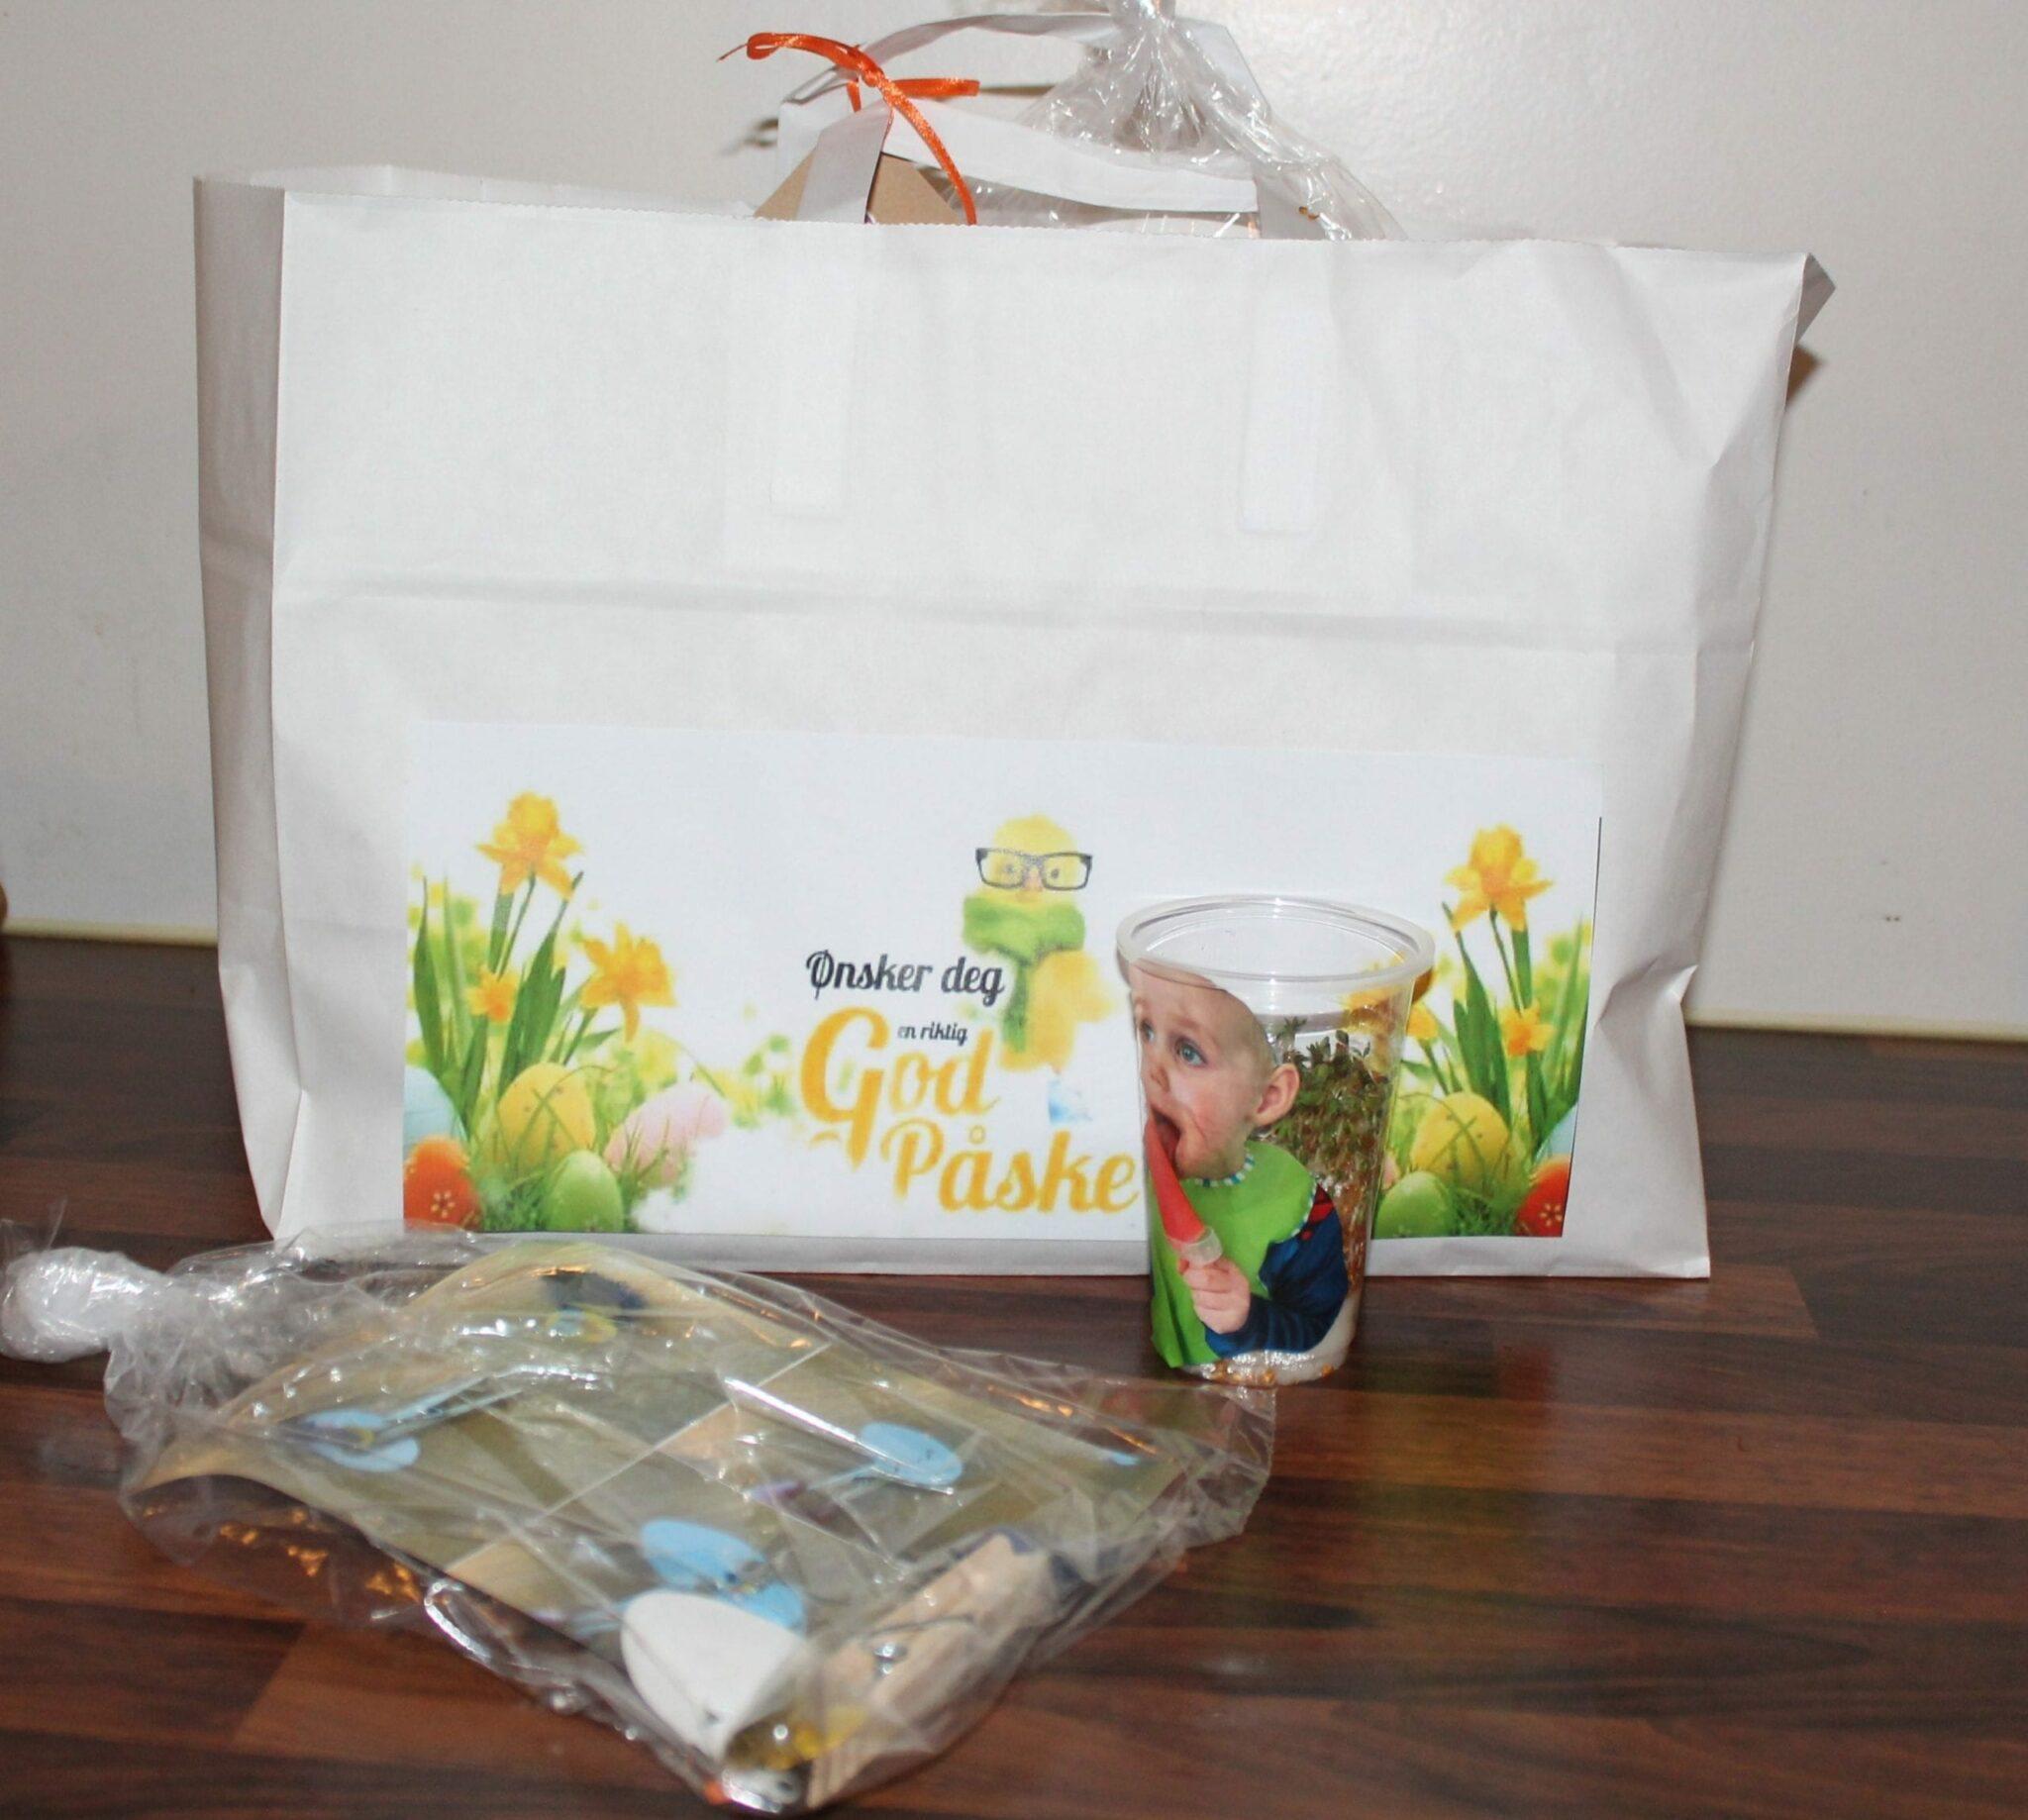 Åtte formingsaktivitetar i ein pose blei levert ut til småbarna i Tomrefjord barnehage førre veke.